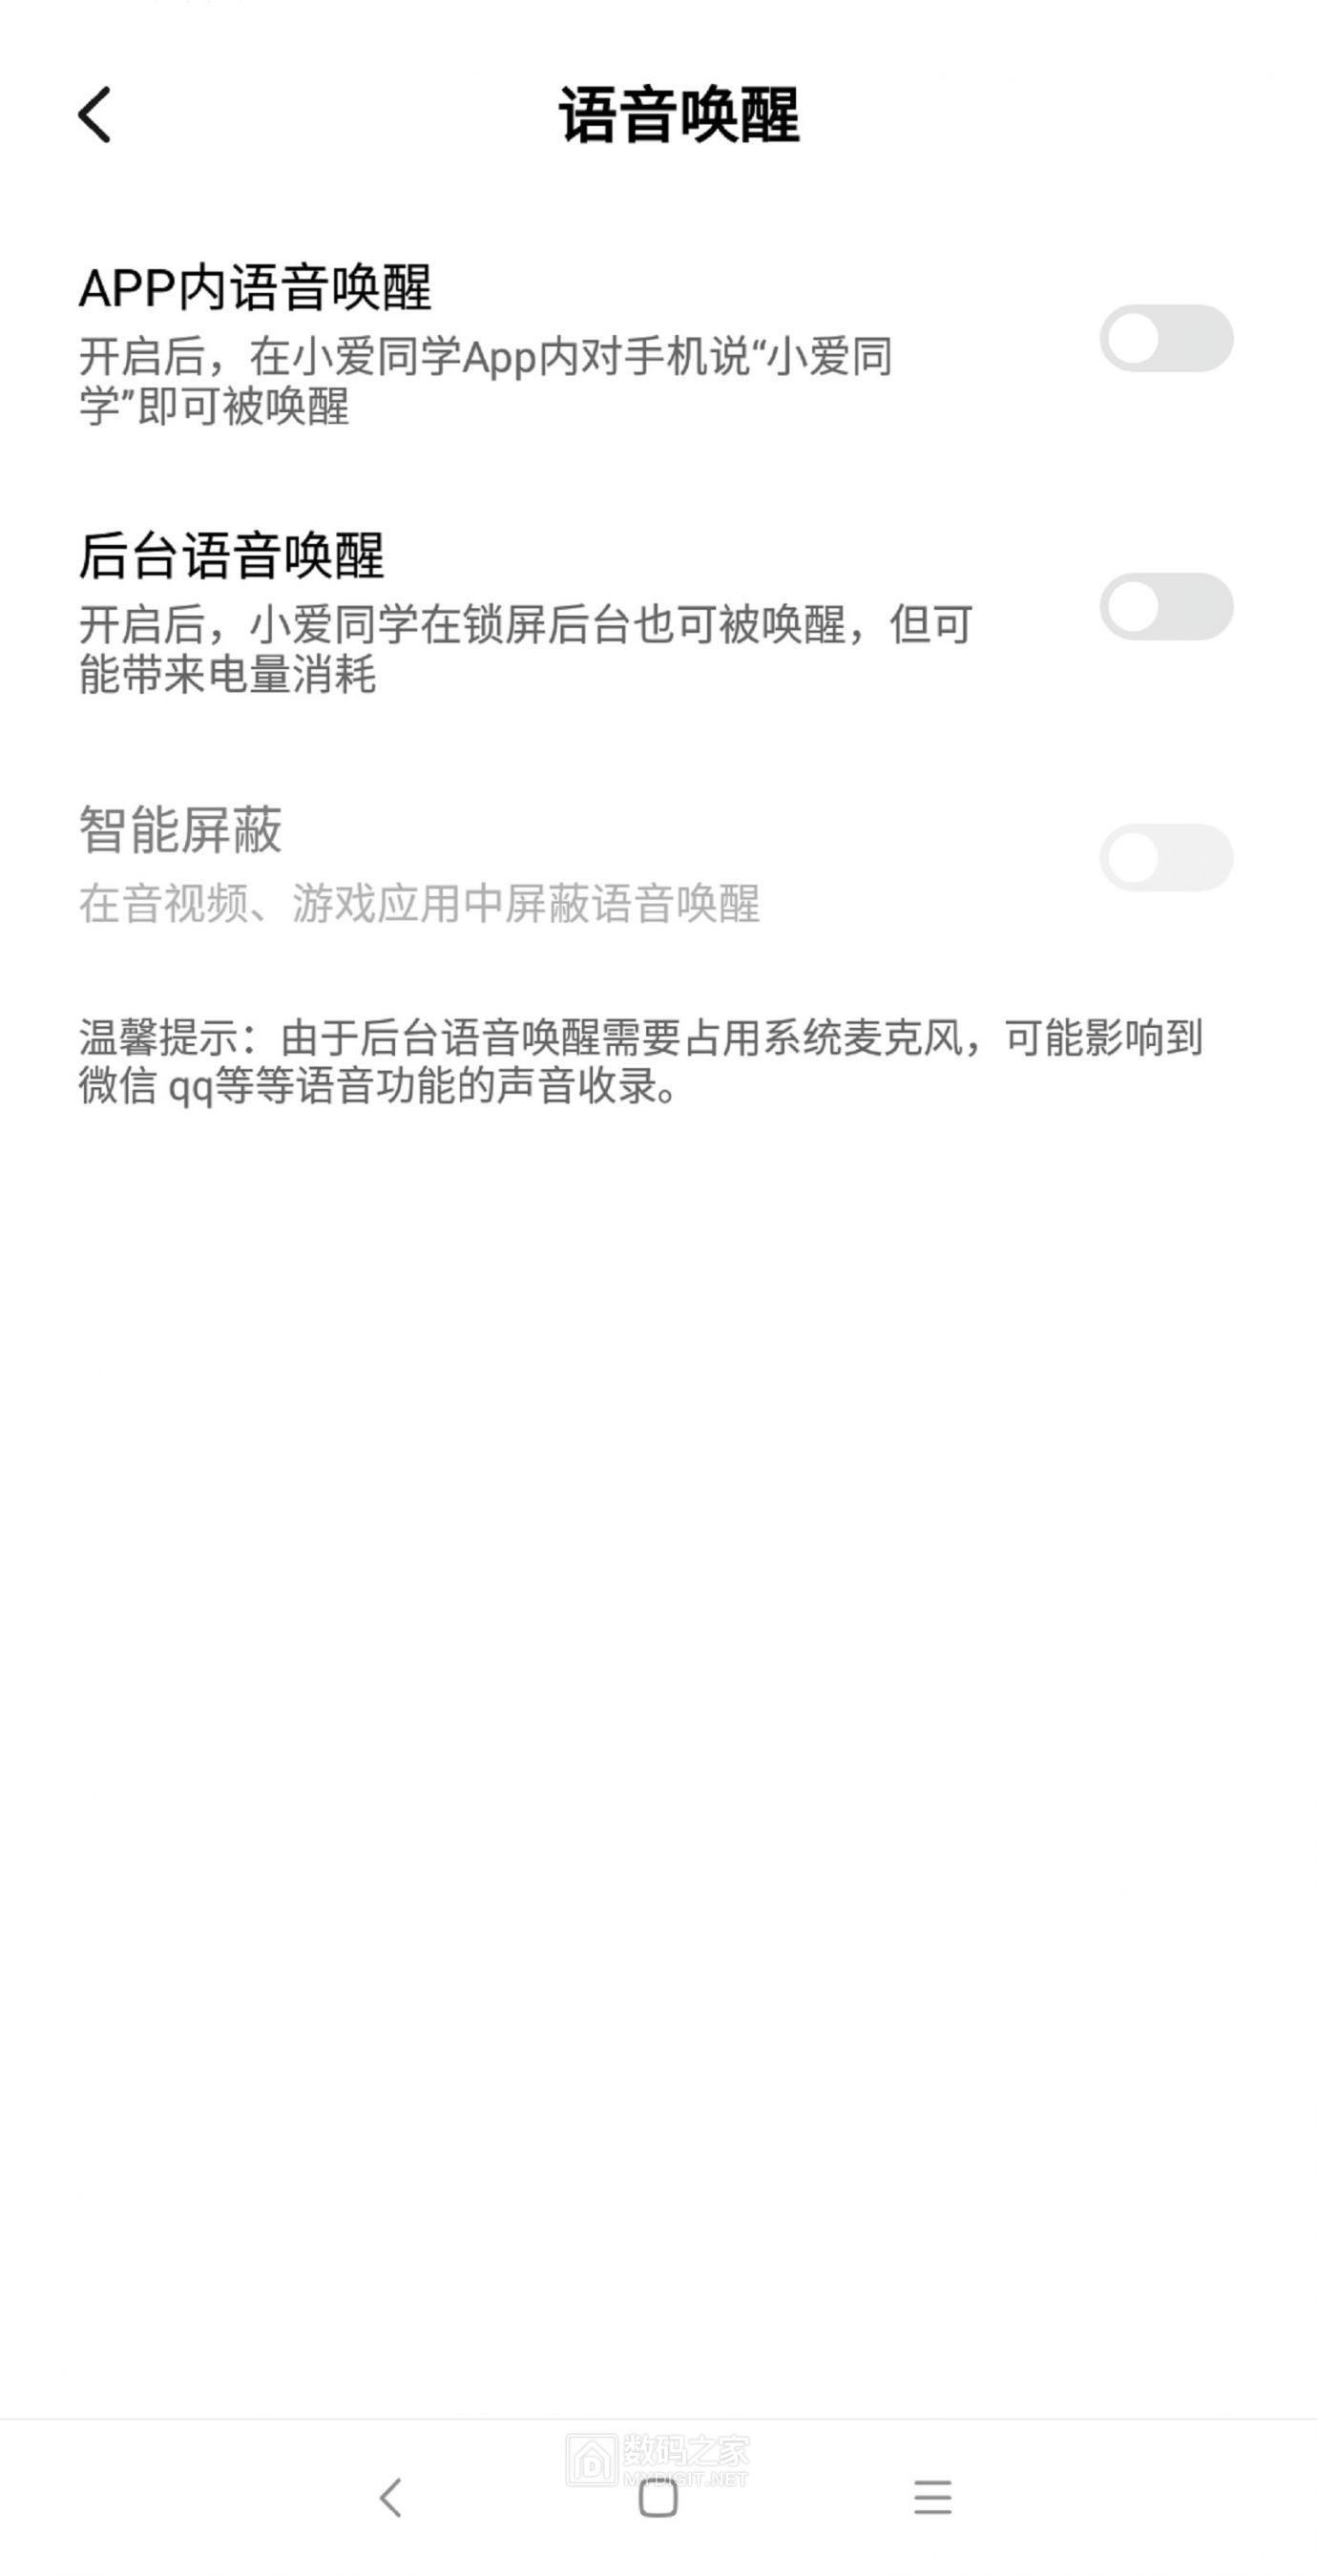 Screenshot_2021-04-16-19-42-59-691_com.xiaomi.xiaoailite.jpg